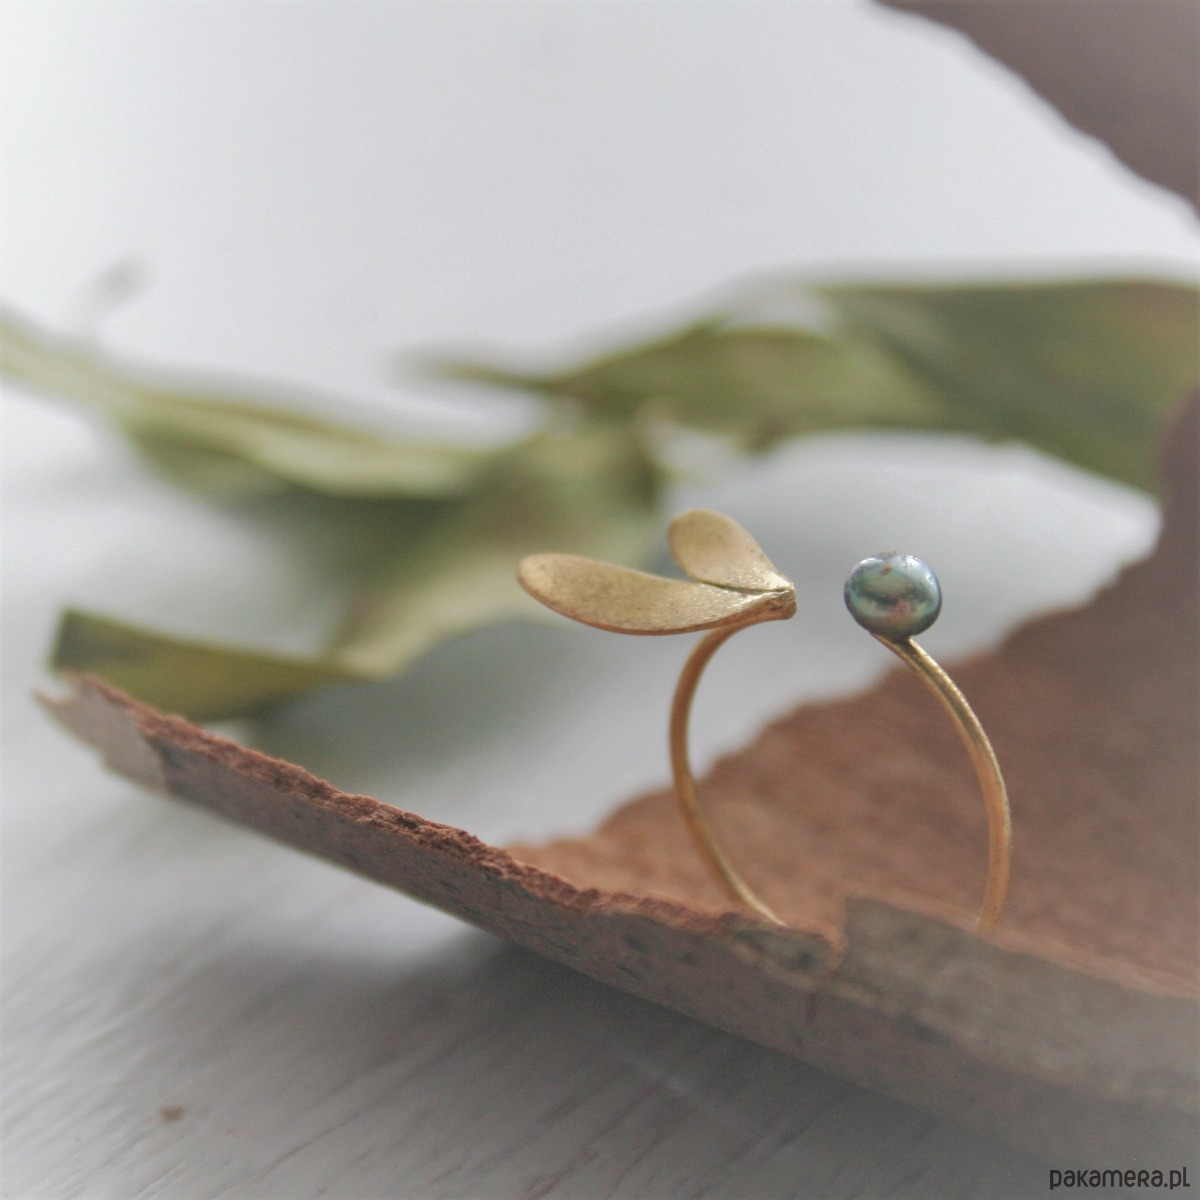 b9d4b476b85b0c Pierścionek z perłą - Biżuteria - pierścionki - różne - Pakamera.pl